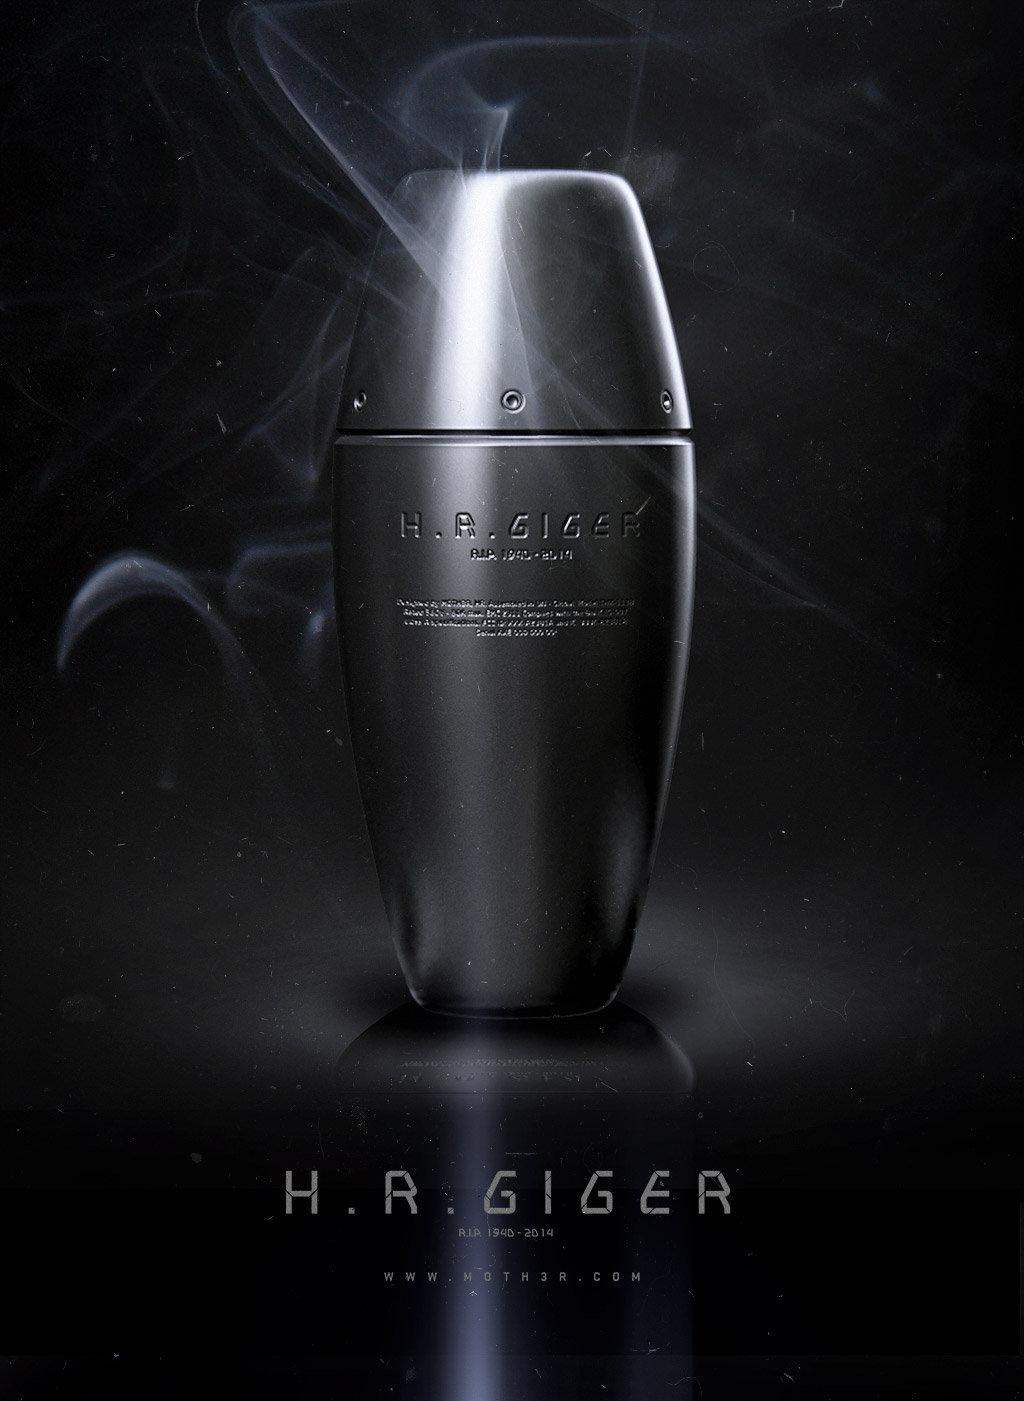 H.r.giger 2